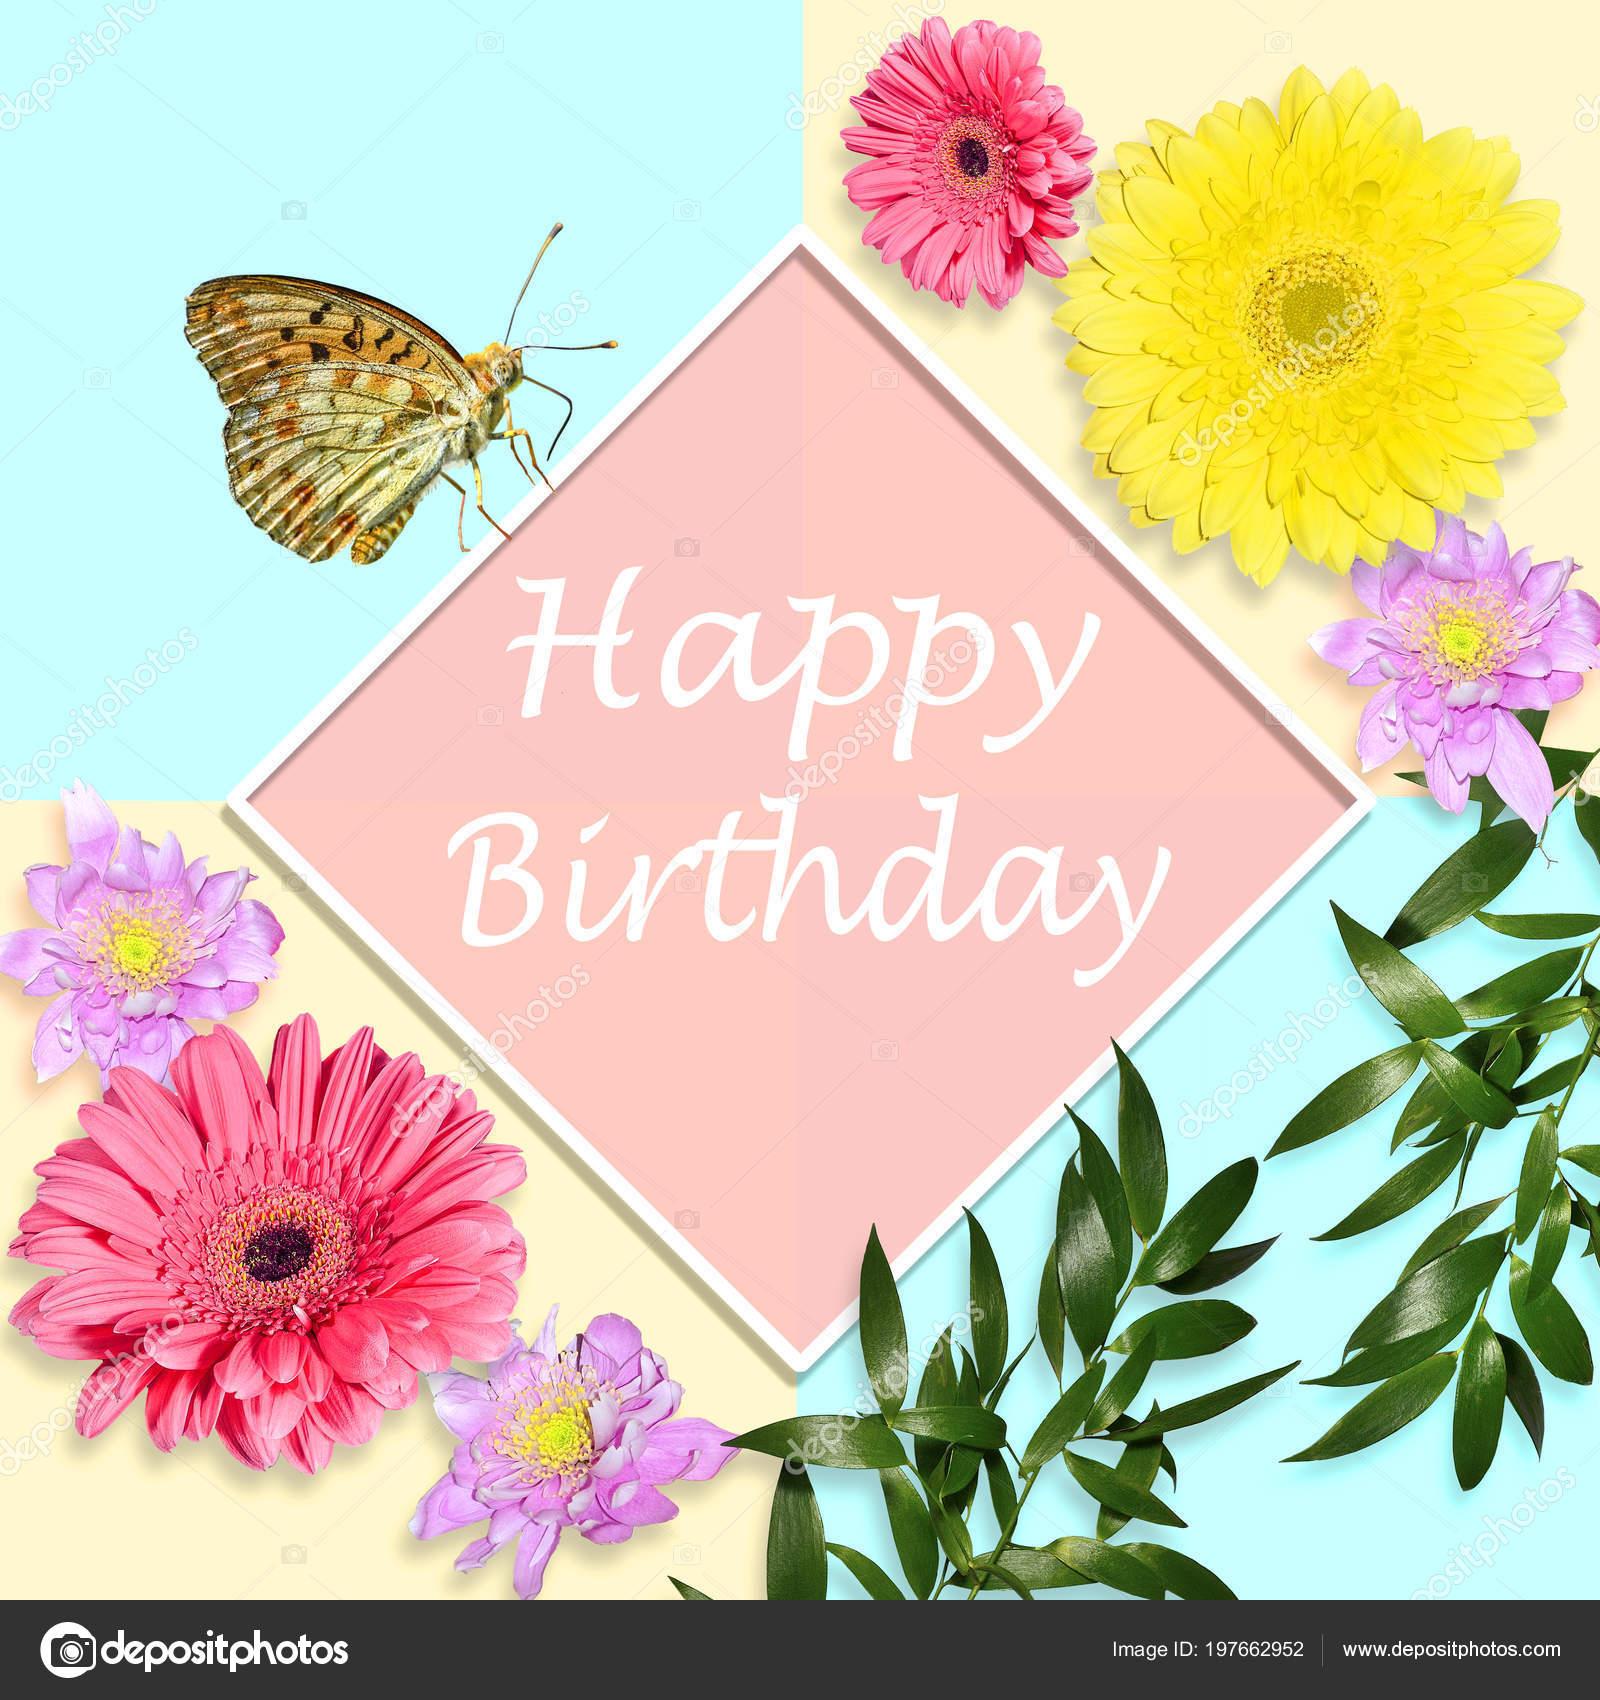 Concetto Brillante Cartolina Auguri Buon Compleanno Con Fiori